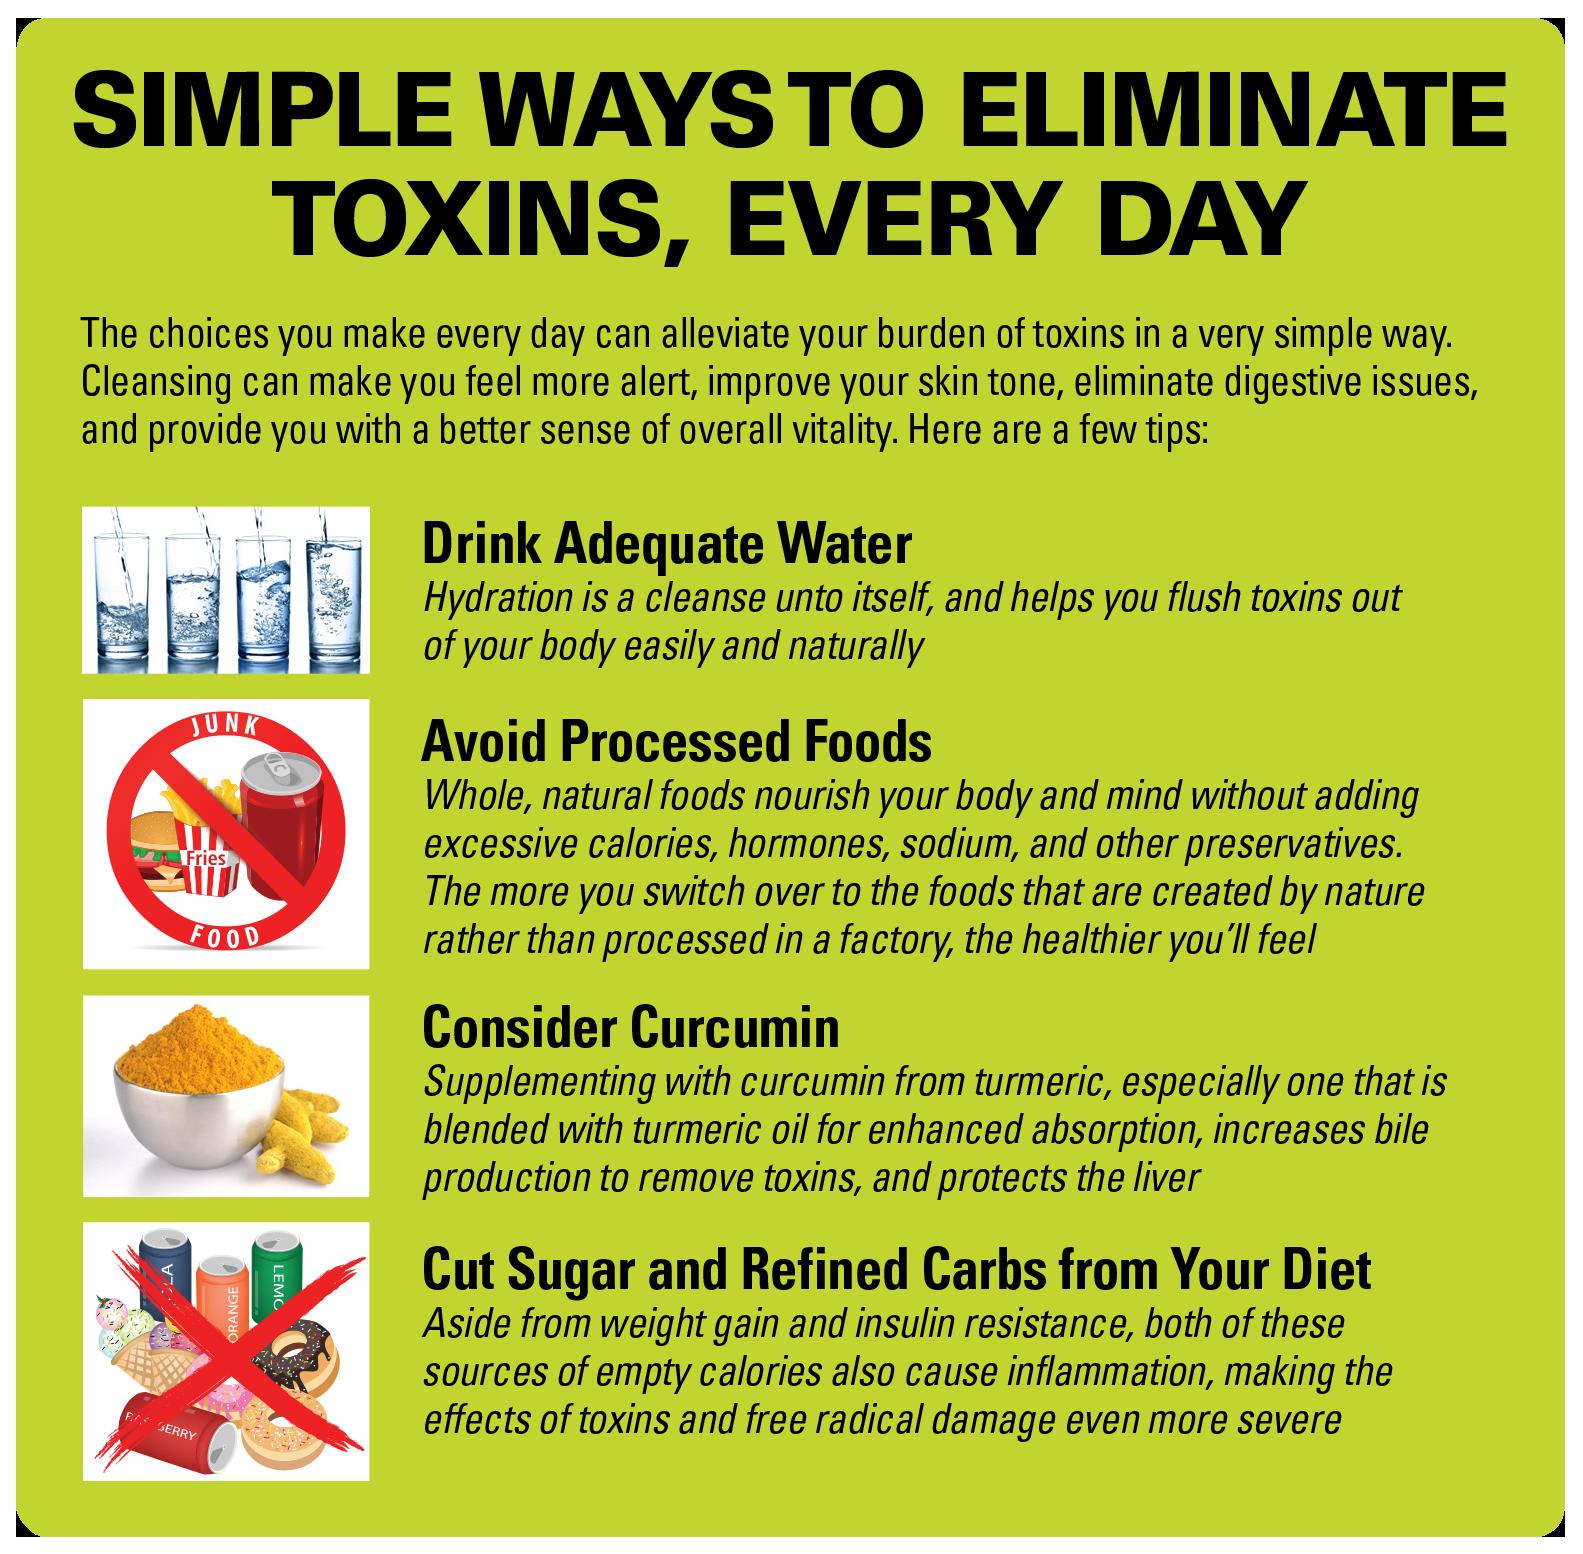 Simple Ways Eliminate Toxins